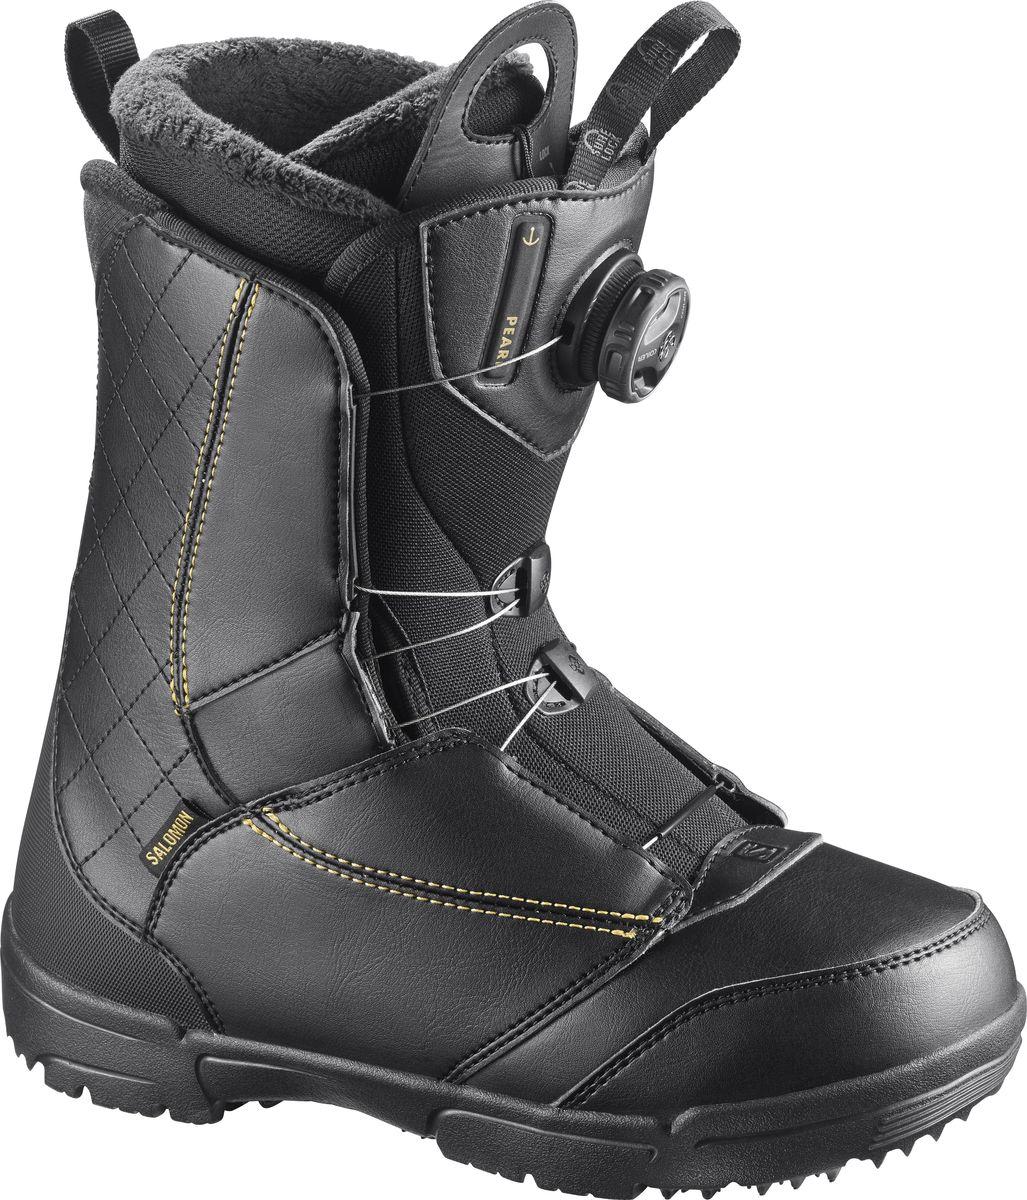 Ботинки для сноуборда Salomon Pearl Boa, цвет: черный, золотистый. Размер 26,5 (40,5)L39868900Женские сноубордические ботинки Salomon Pearl BOA предназначены для начинающих спортсменов. Простые, быстрые, женственные, ботинки отличаются потрясающим утеплением, посадкой и долговечностью. Небольшая жесткость позволяет начинающим сноубордисткам совершенствовать свою технику катания с комфортом, а шнуровка BOA не отнимет много времени и позволит подогнать ботинок по ноге, не снимая перчаток.